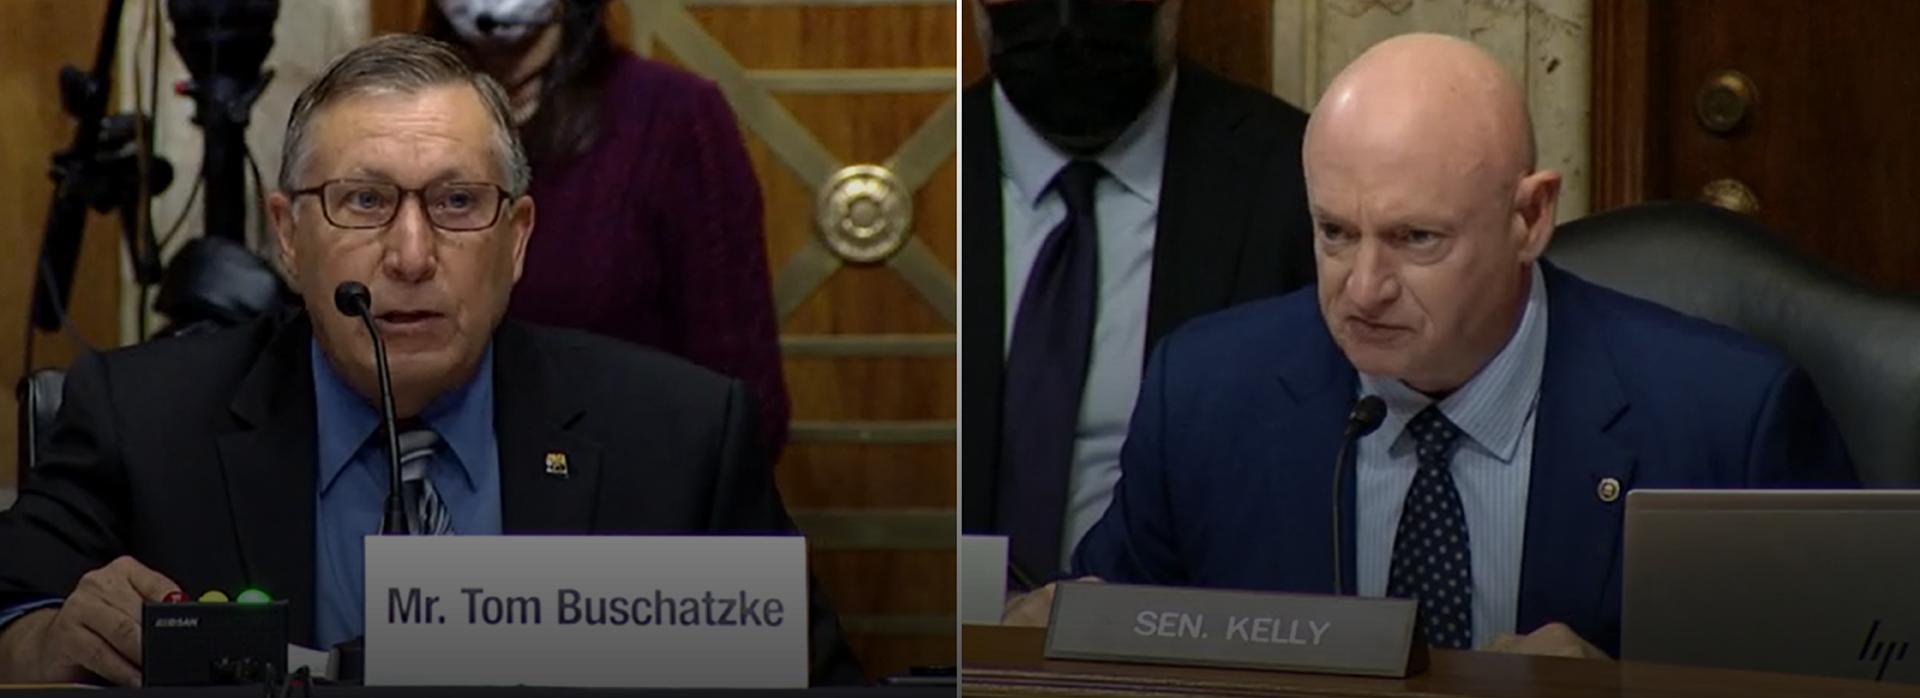 ADWR Director testifies before U.S. Senate panel